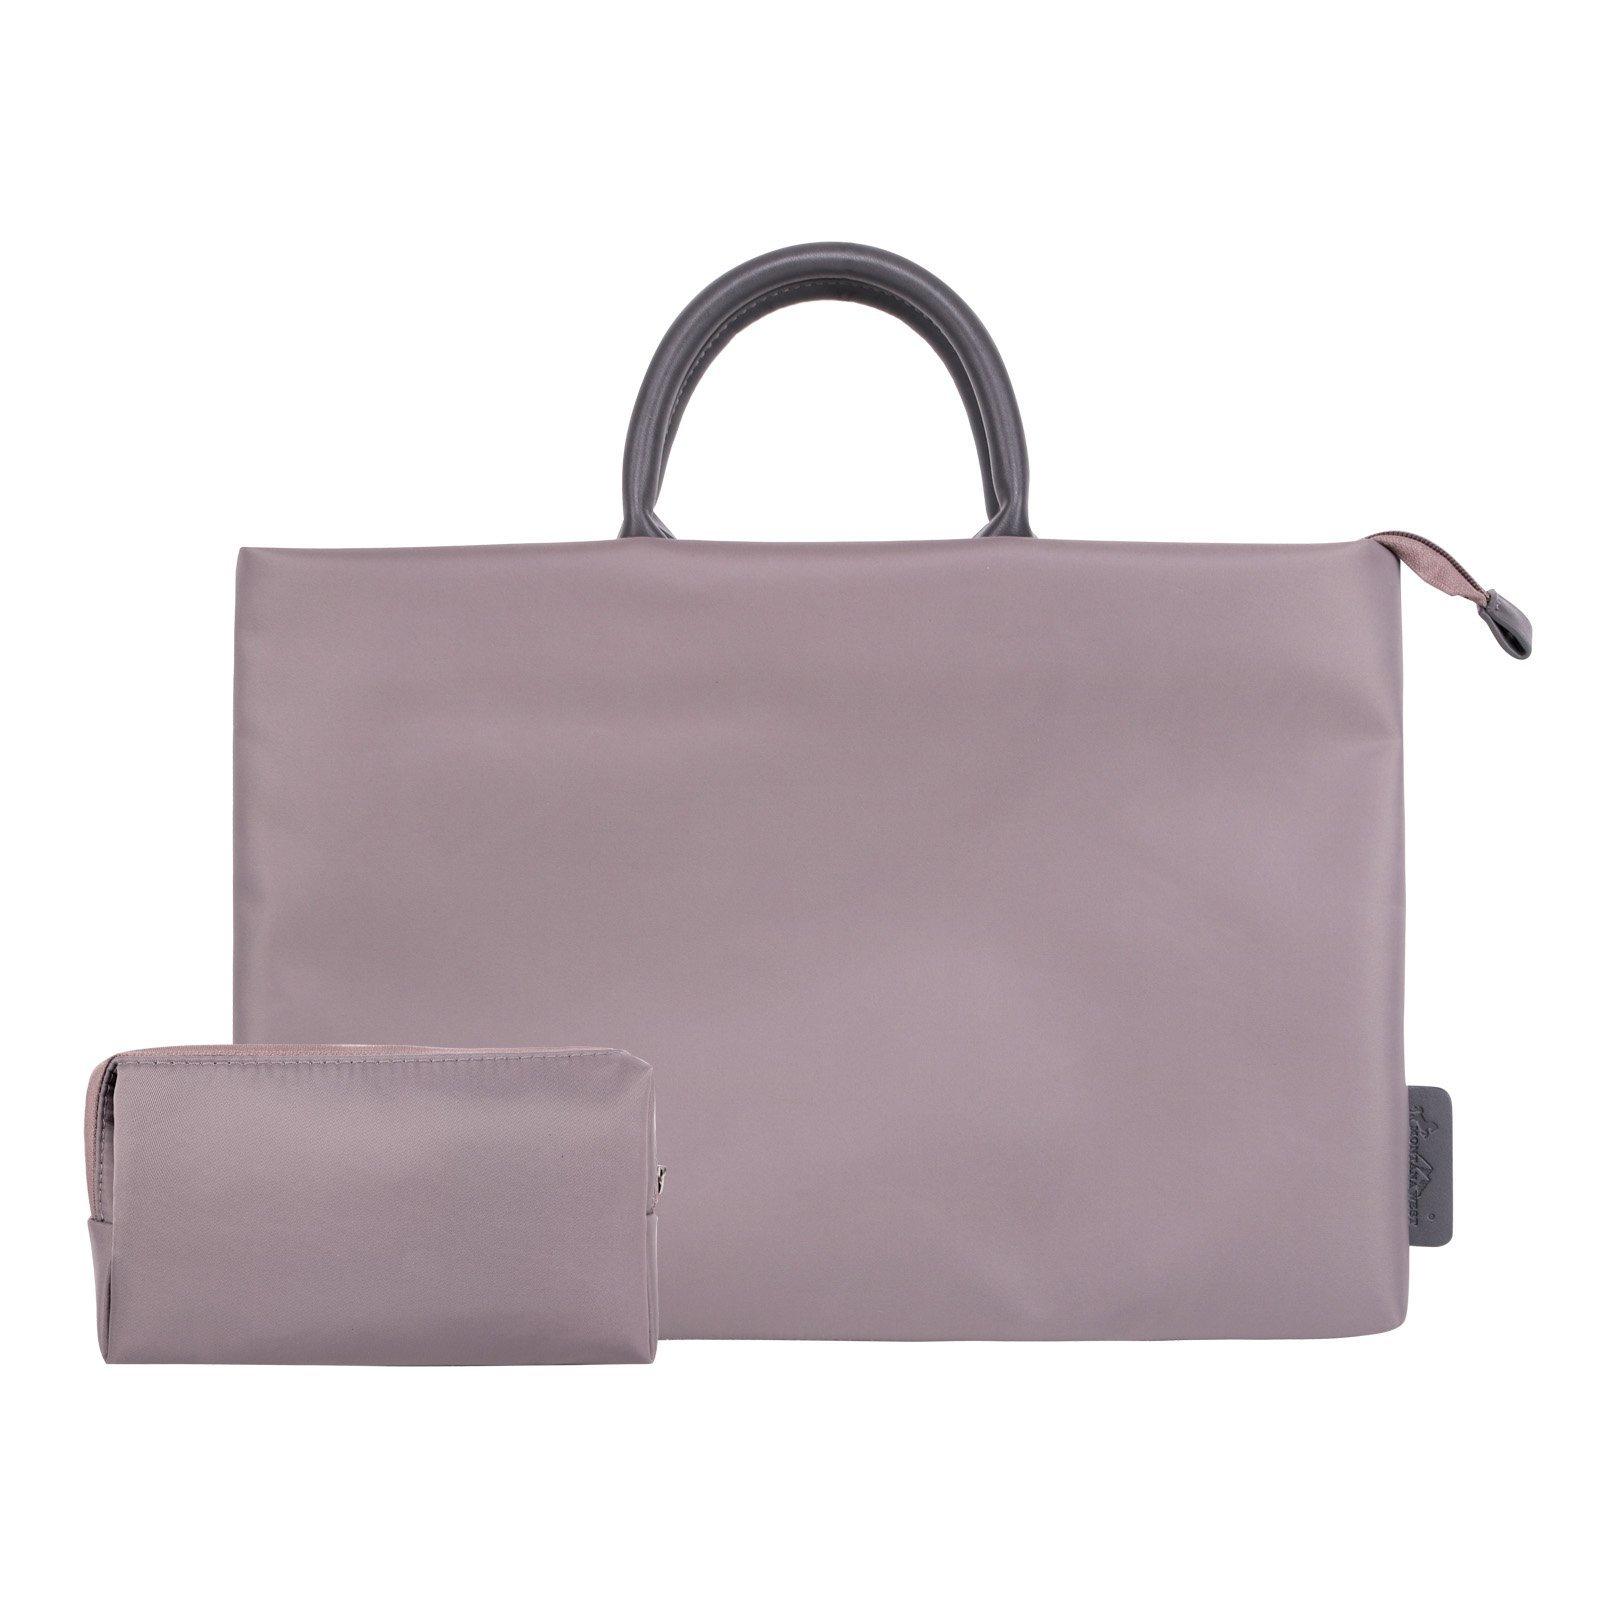 Computer bag gray